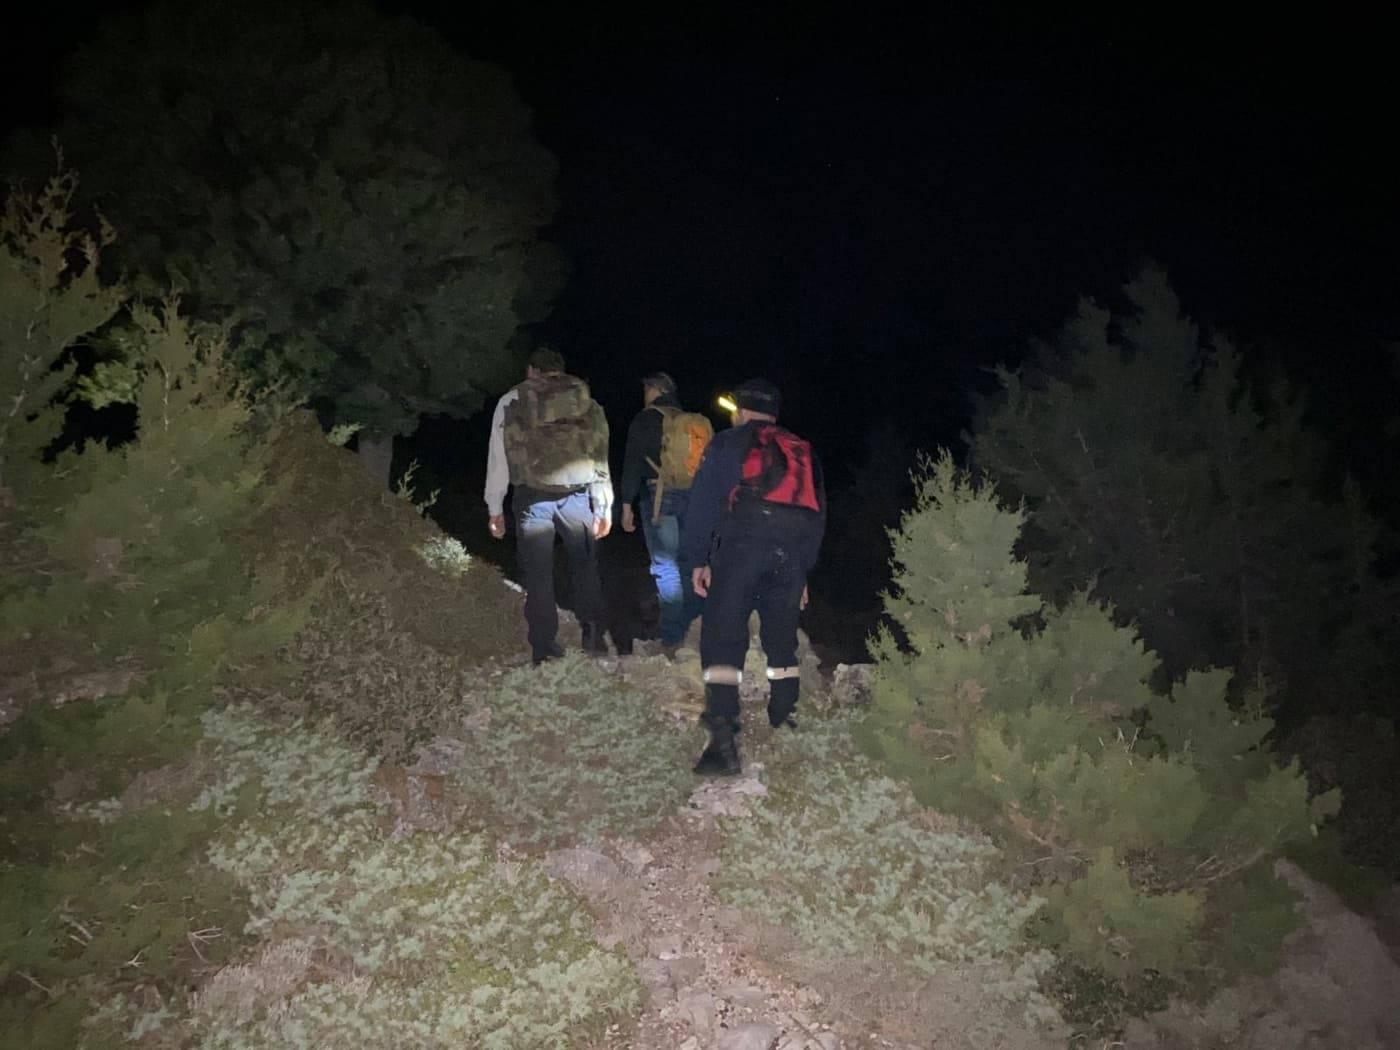 Κρήτη: Επιχείρηση διάσωσης περιπατητή στα Λευκά Όρη - ertnews.gr